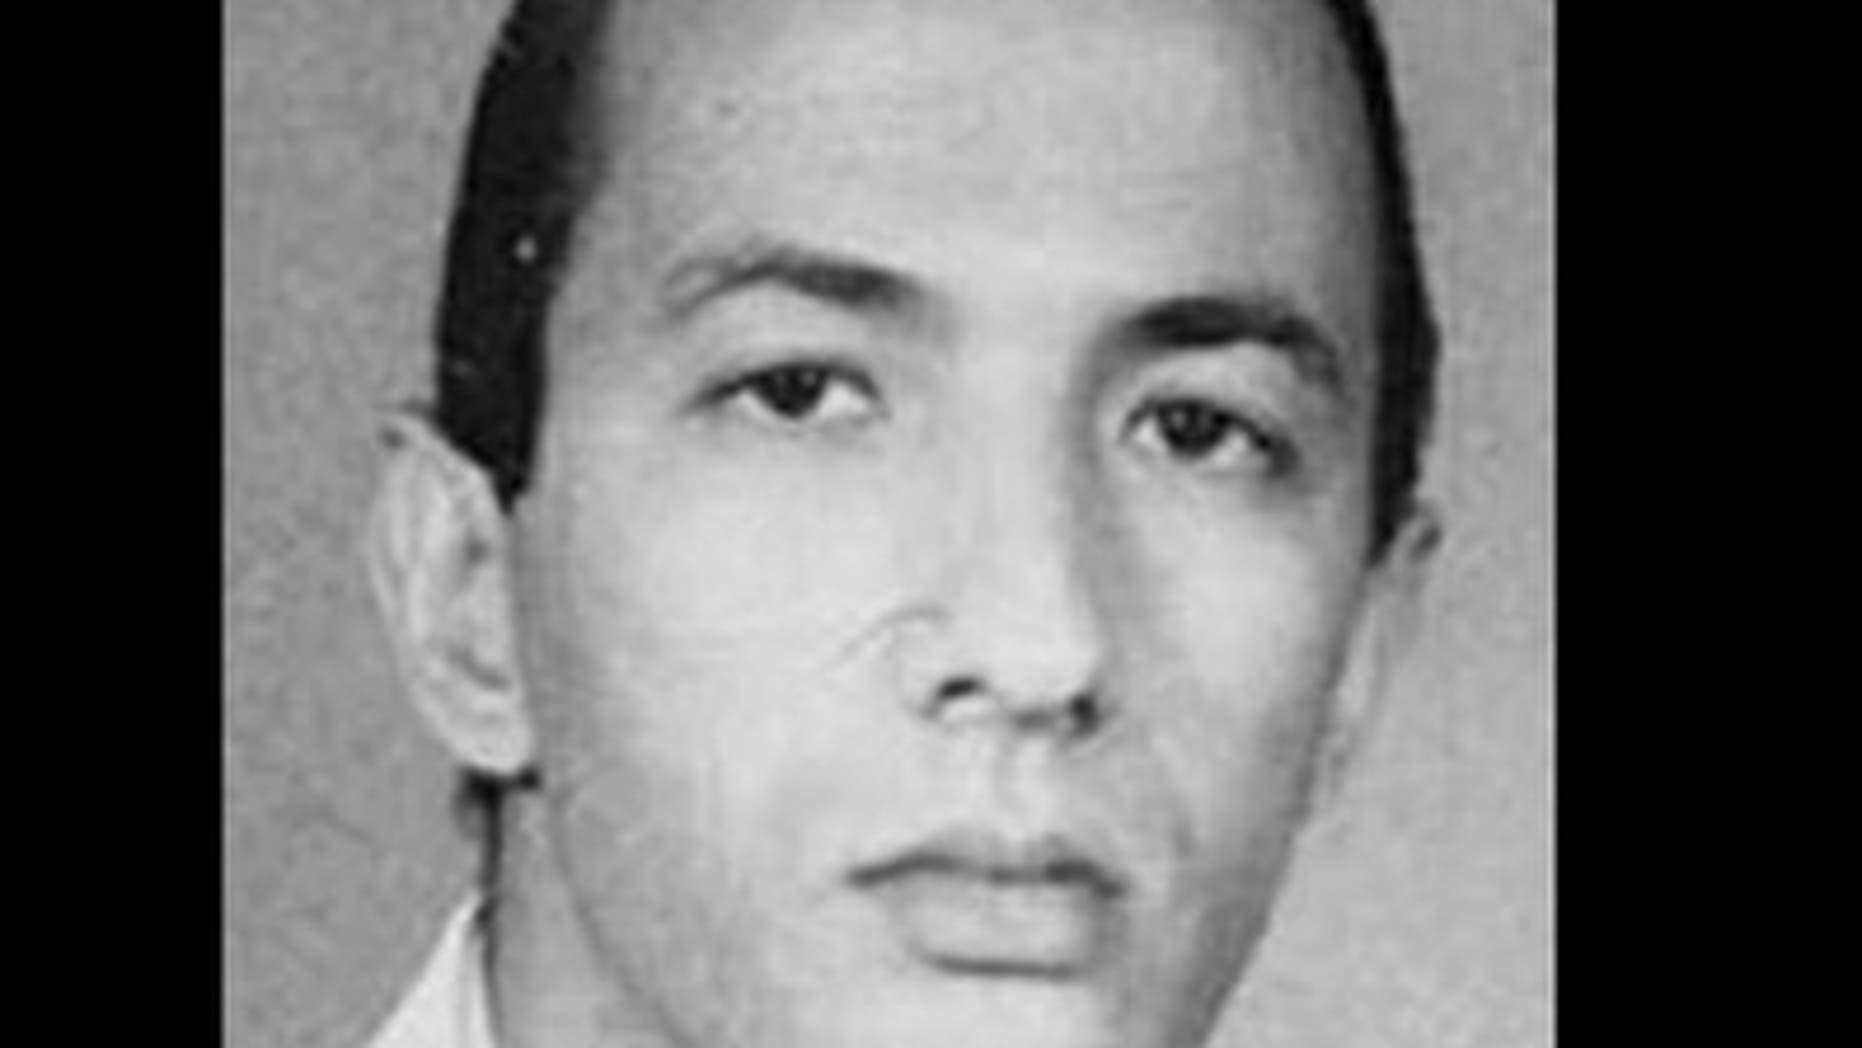 """Saif Al-Adel's headshot from FBI """"Most Wanted Terrorists"""" list. (AP)"""